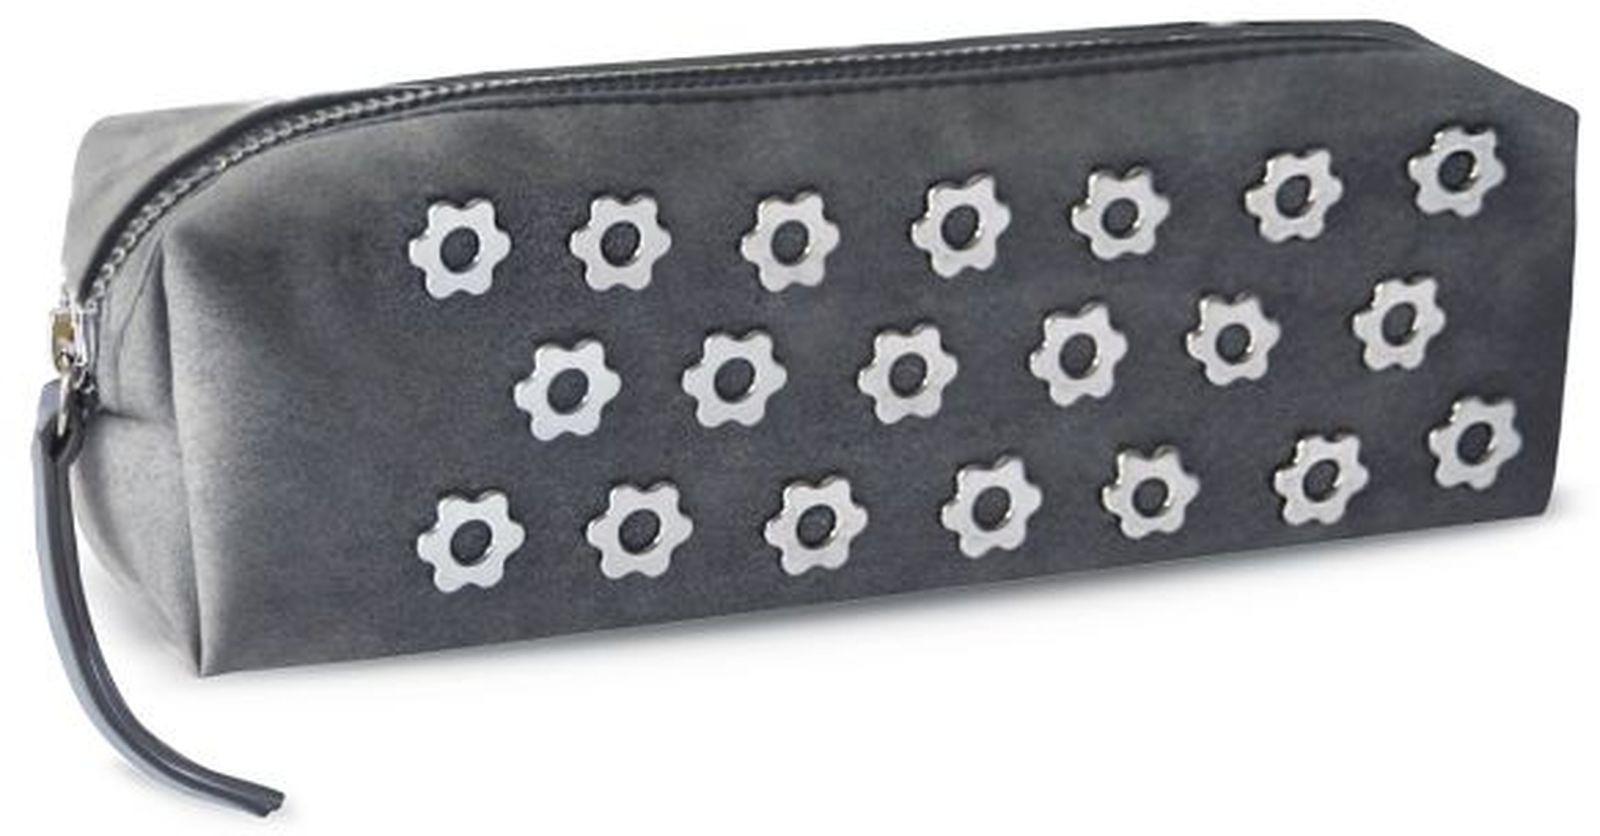 Пенал Феникс+ Цветы Заклепки, без наполнителя, 1 отделение, 49030, черный, 20 х 6 х 6 см